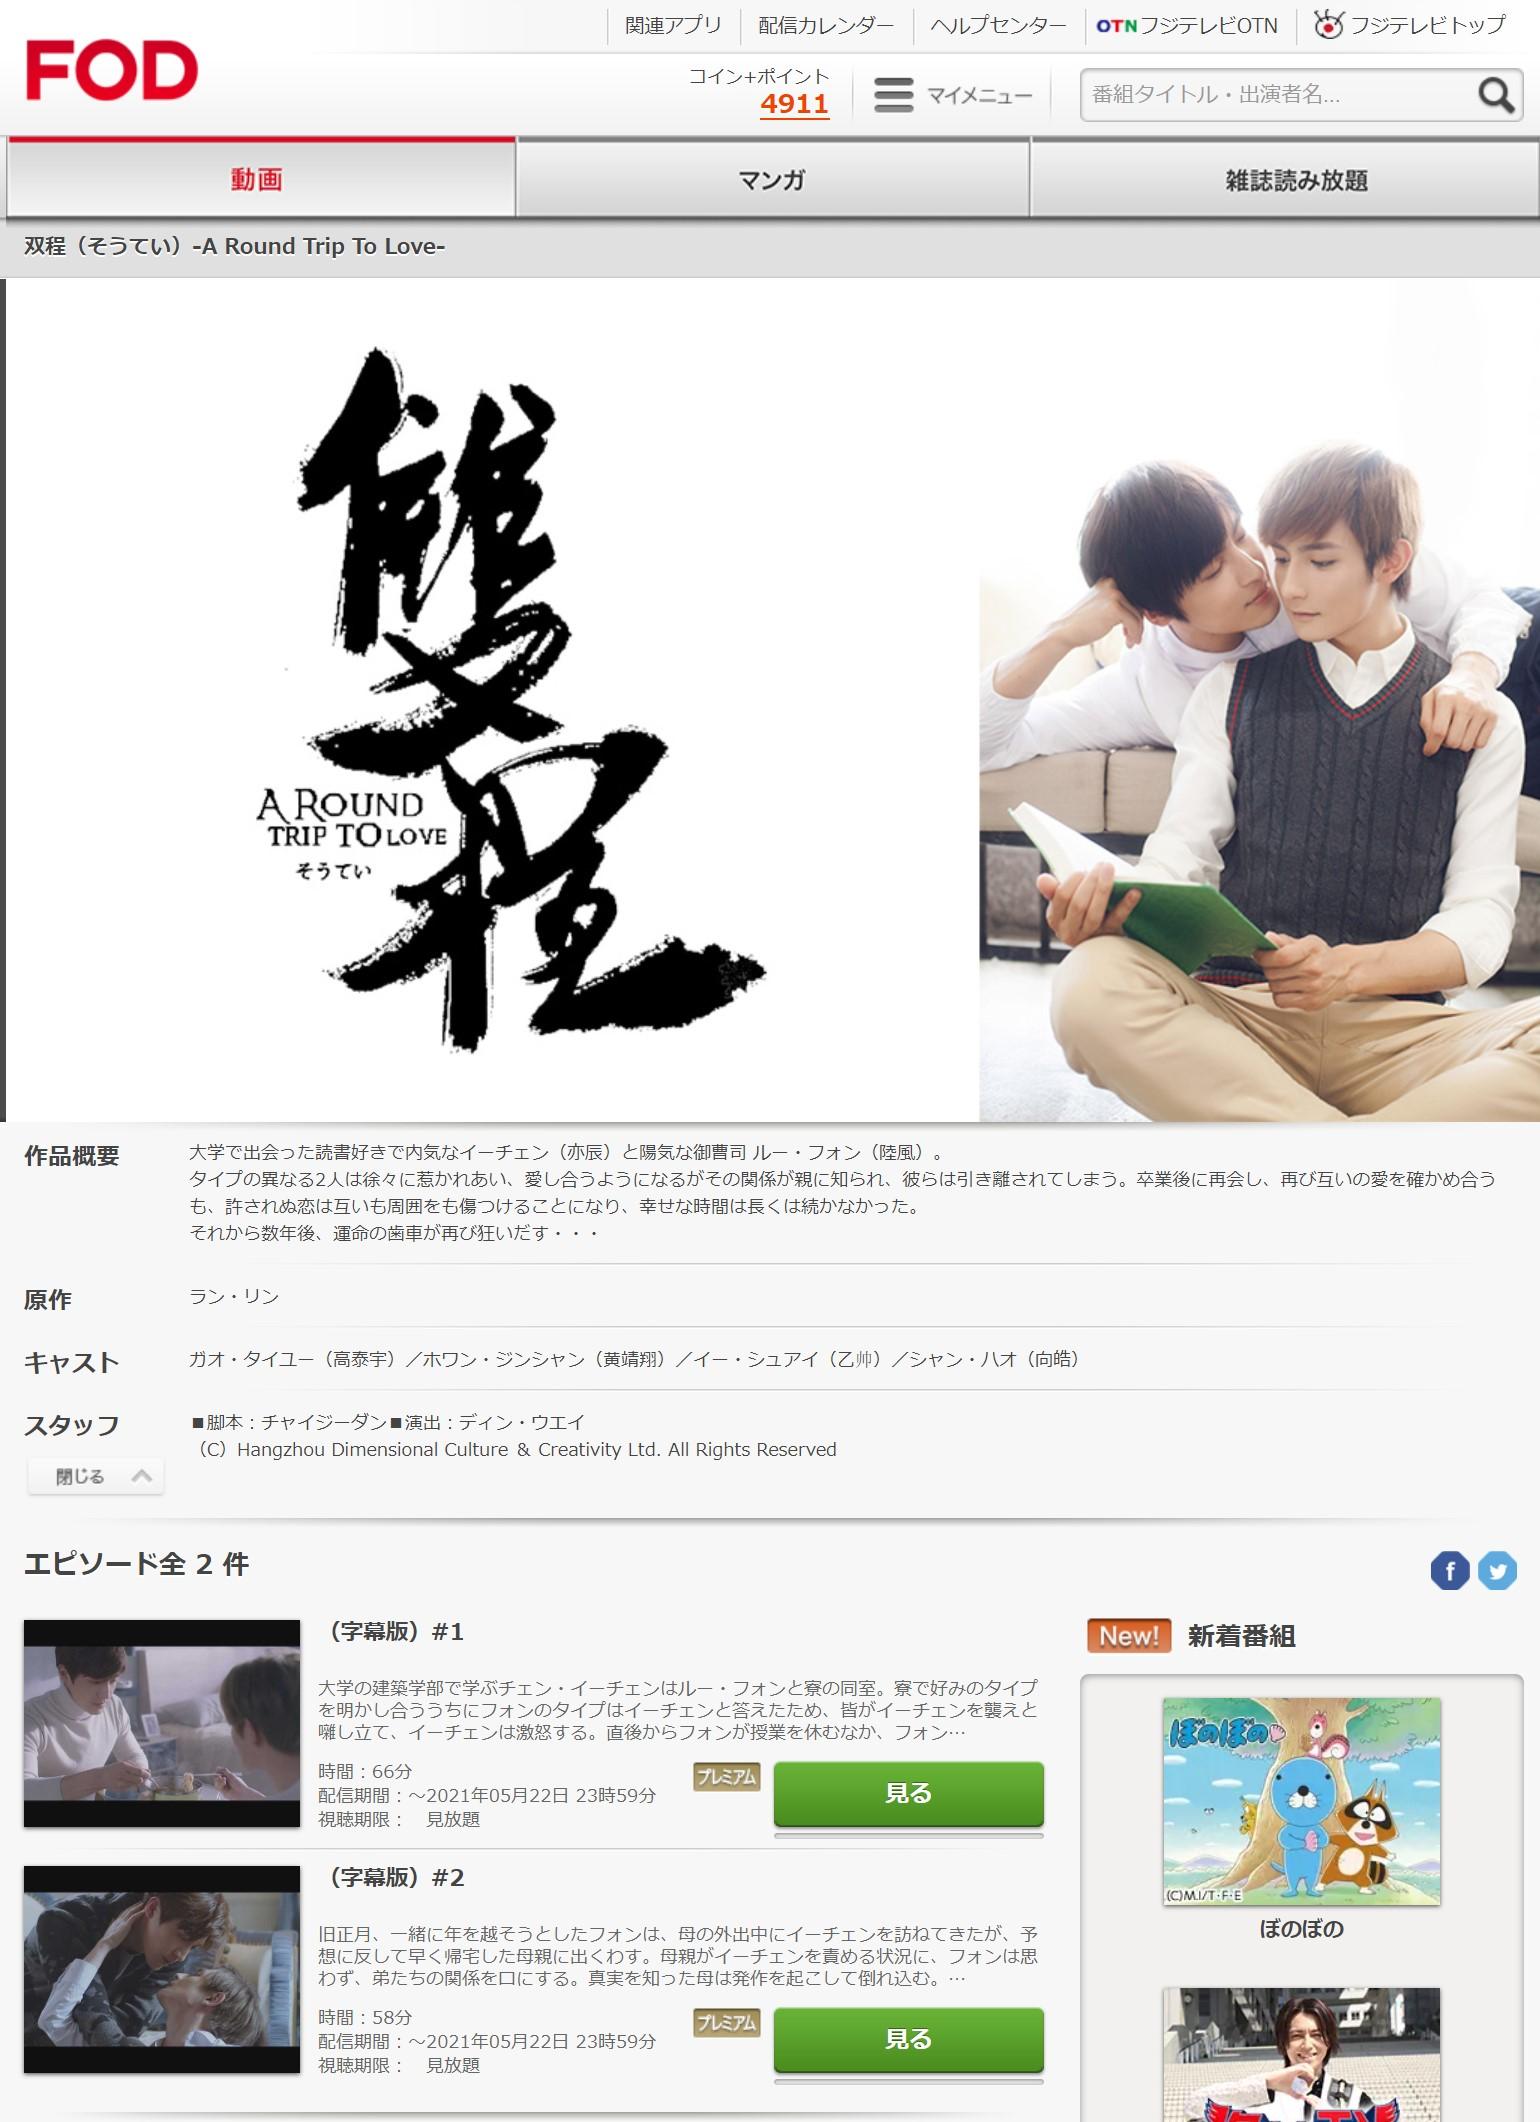 双程(中国BLドラマ)の動画無料視聴方法FOD